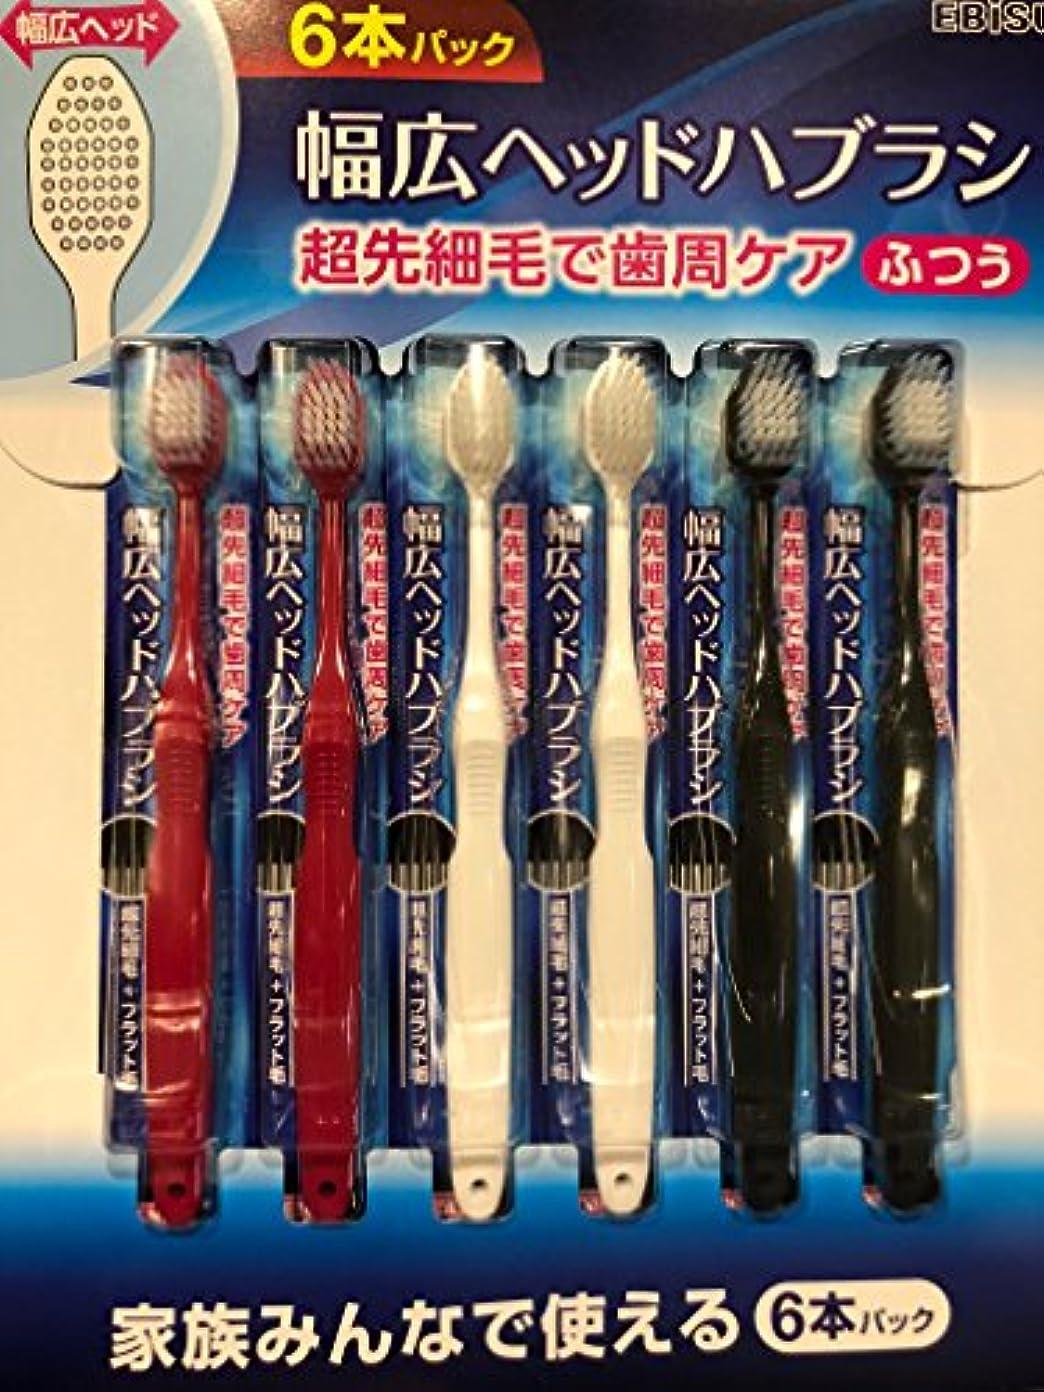 保持メモ発揮する幅広ヘッドハブラシ 歯ブラシ 【ふつう】ボリューム6本パック (黒 白 赤 各2本ずつ) 家族みんなで使える!